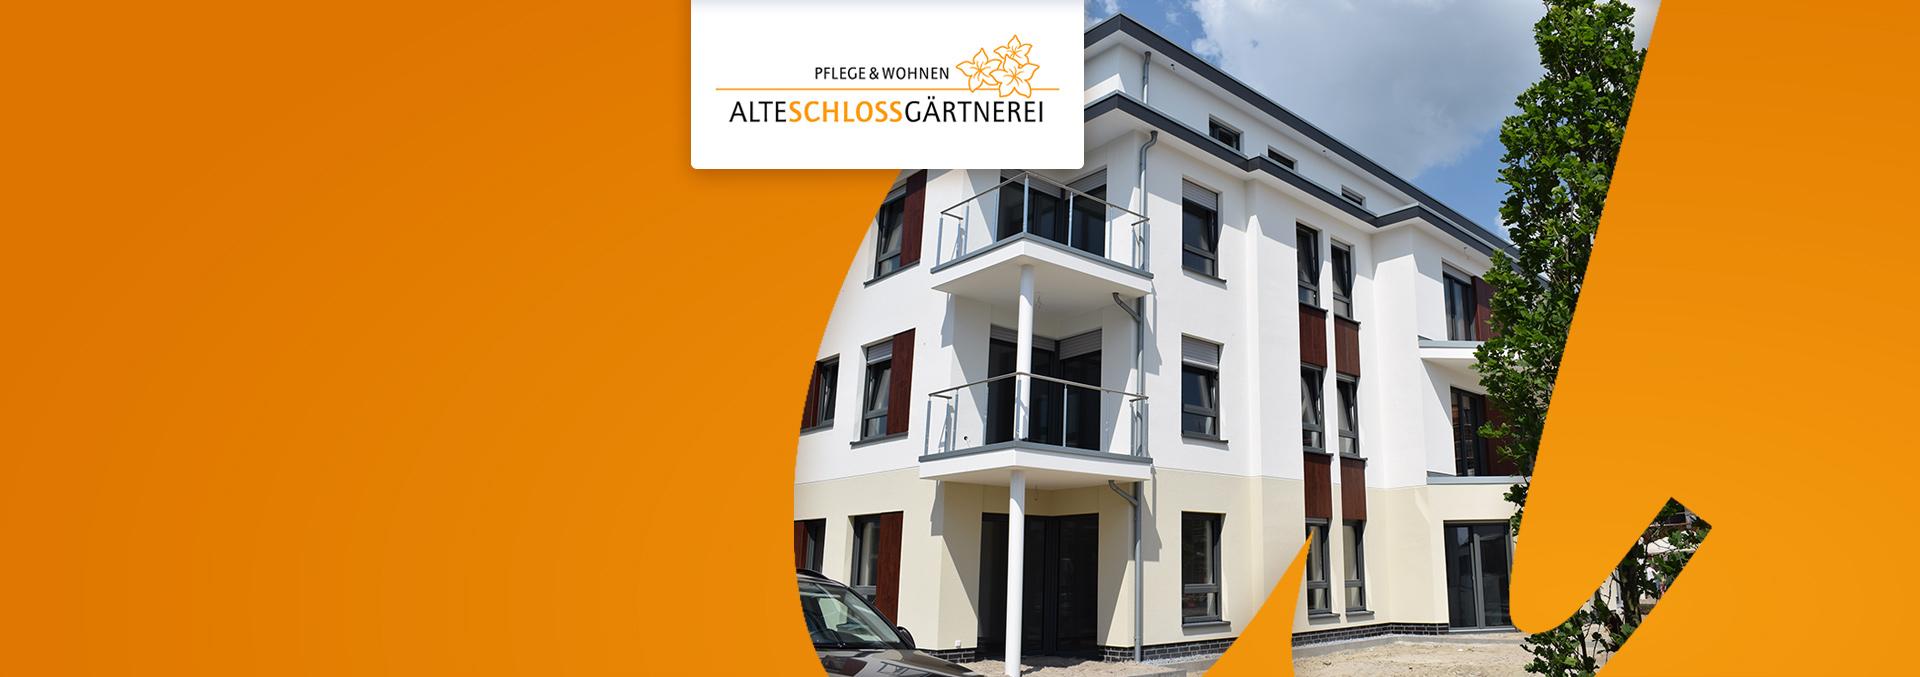 Pflege und Wohnen Alte Schlossgärtnerei, Blick von außen auf die Ecke des vierstöckigen Hauses mit Balkonen.